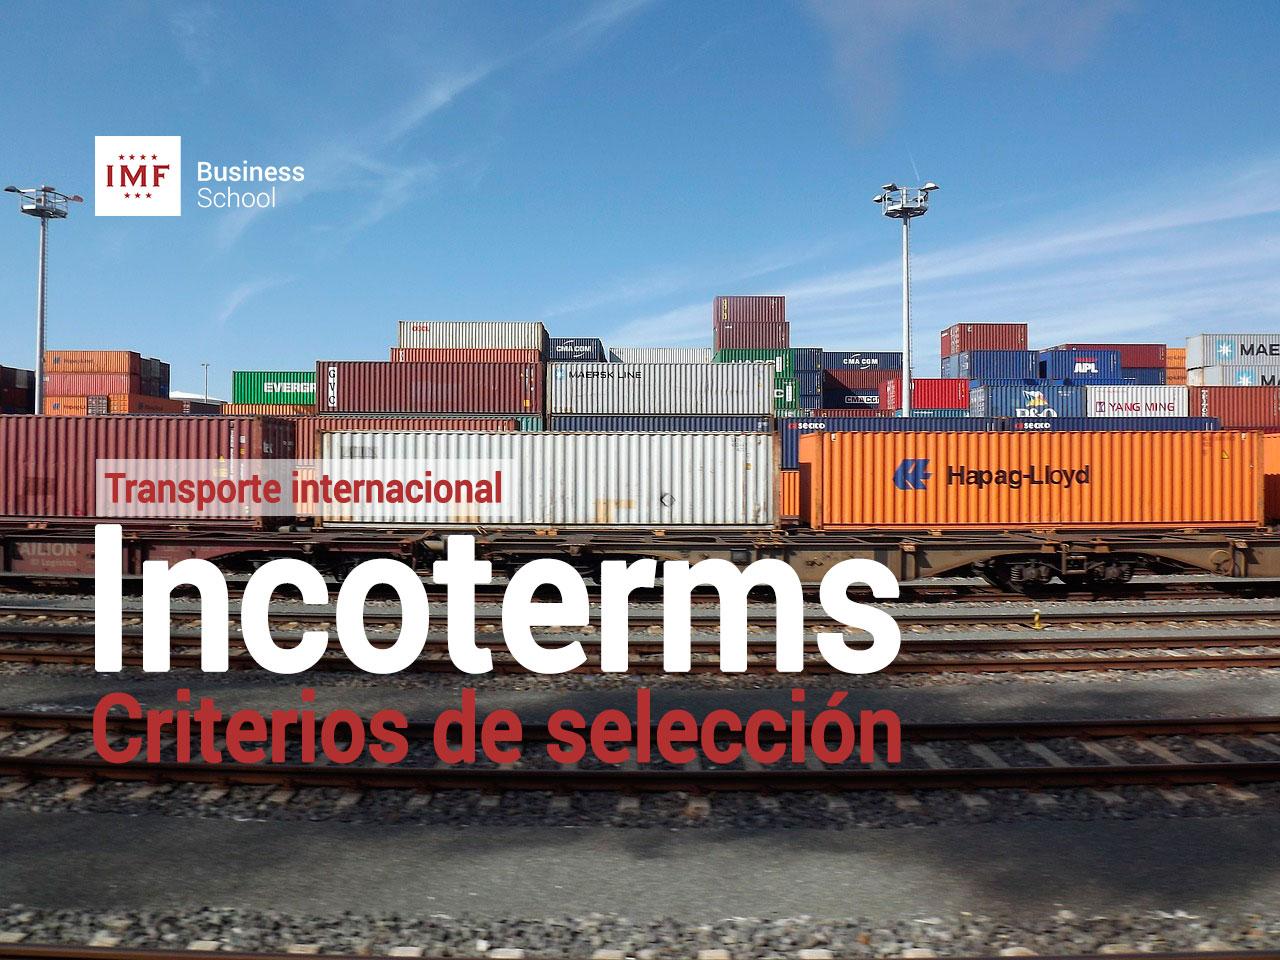 Criterios de selección de los incoterms en la logística internacional